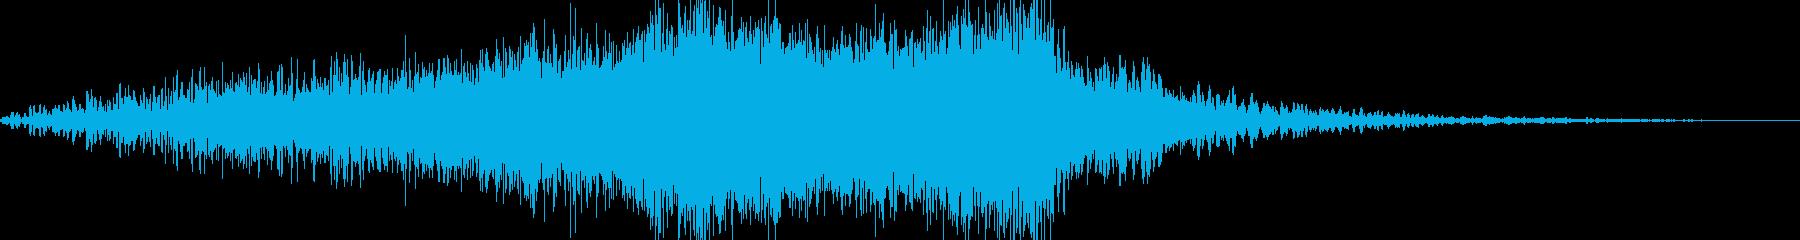 ホラー系アイキャッチ 上昇音 映画風の再生済みの波形